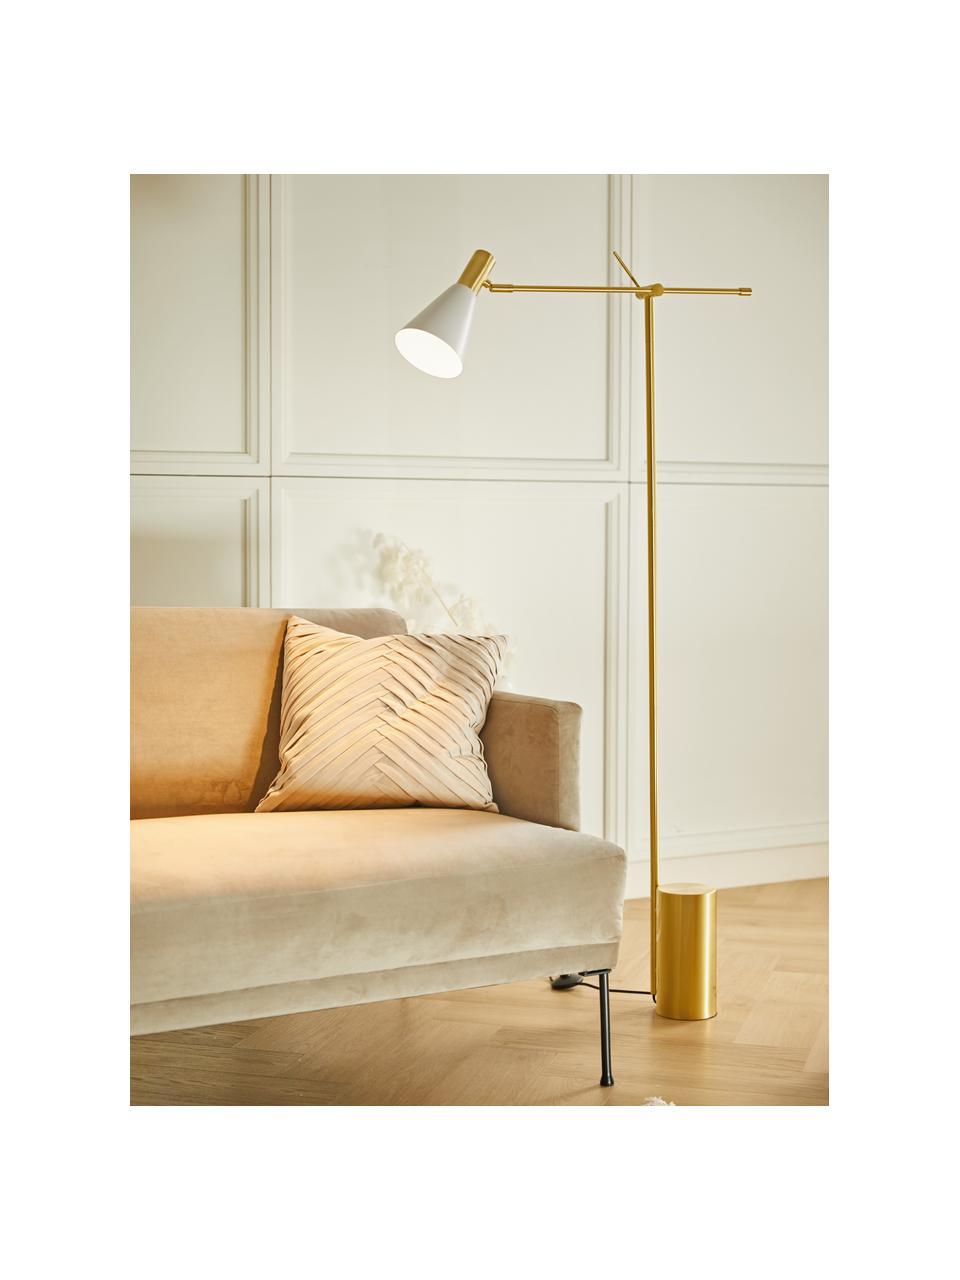 Lampada da lettura color bianco/dorato Sia, Paralume: Metallo verniciato a polv, Base della lampada: Metallo ottonato, Bianco, ottonato, Ø 14 x Alt. 162 cm